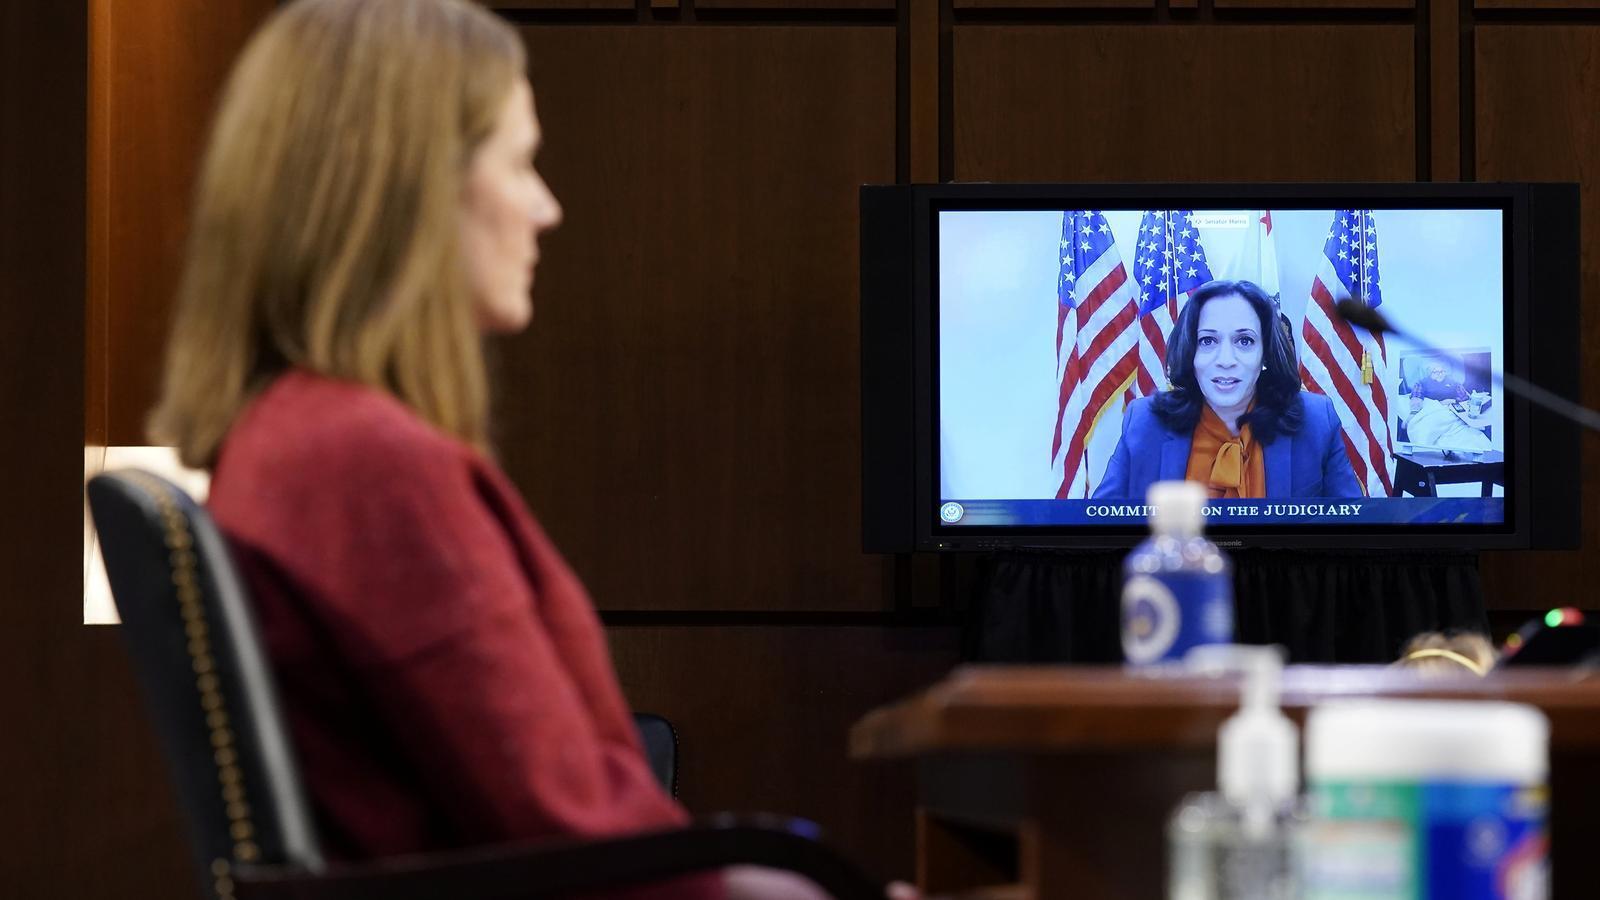 La candidata demòcrata a la vicepresidència, Kamala Harris, interroga la nominada de Trump al Suprem, Amy Barret.